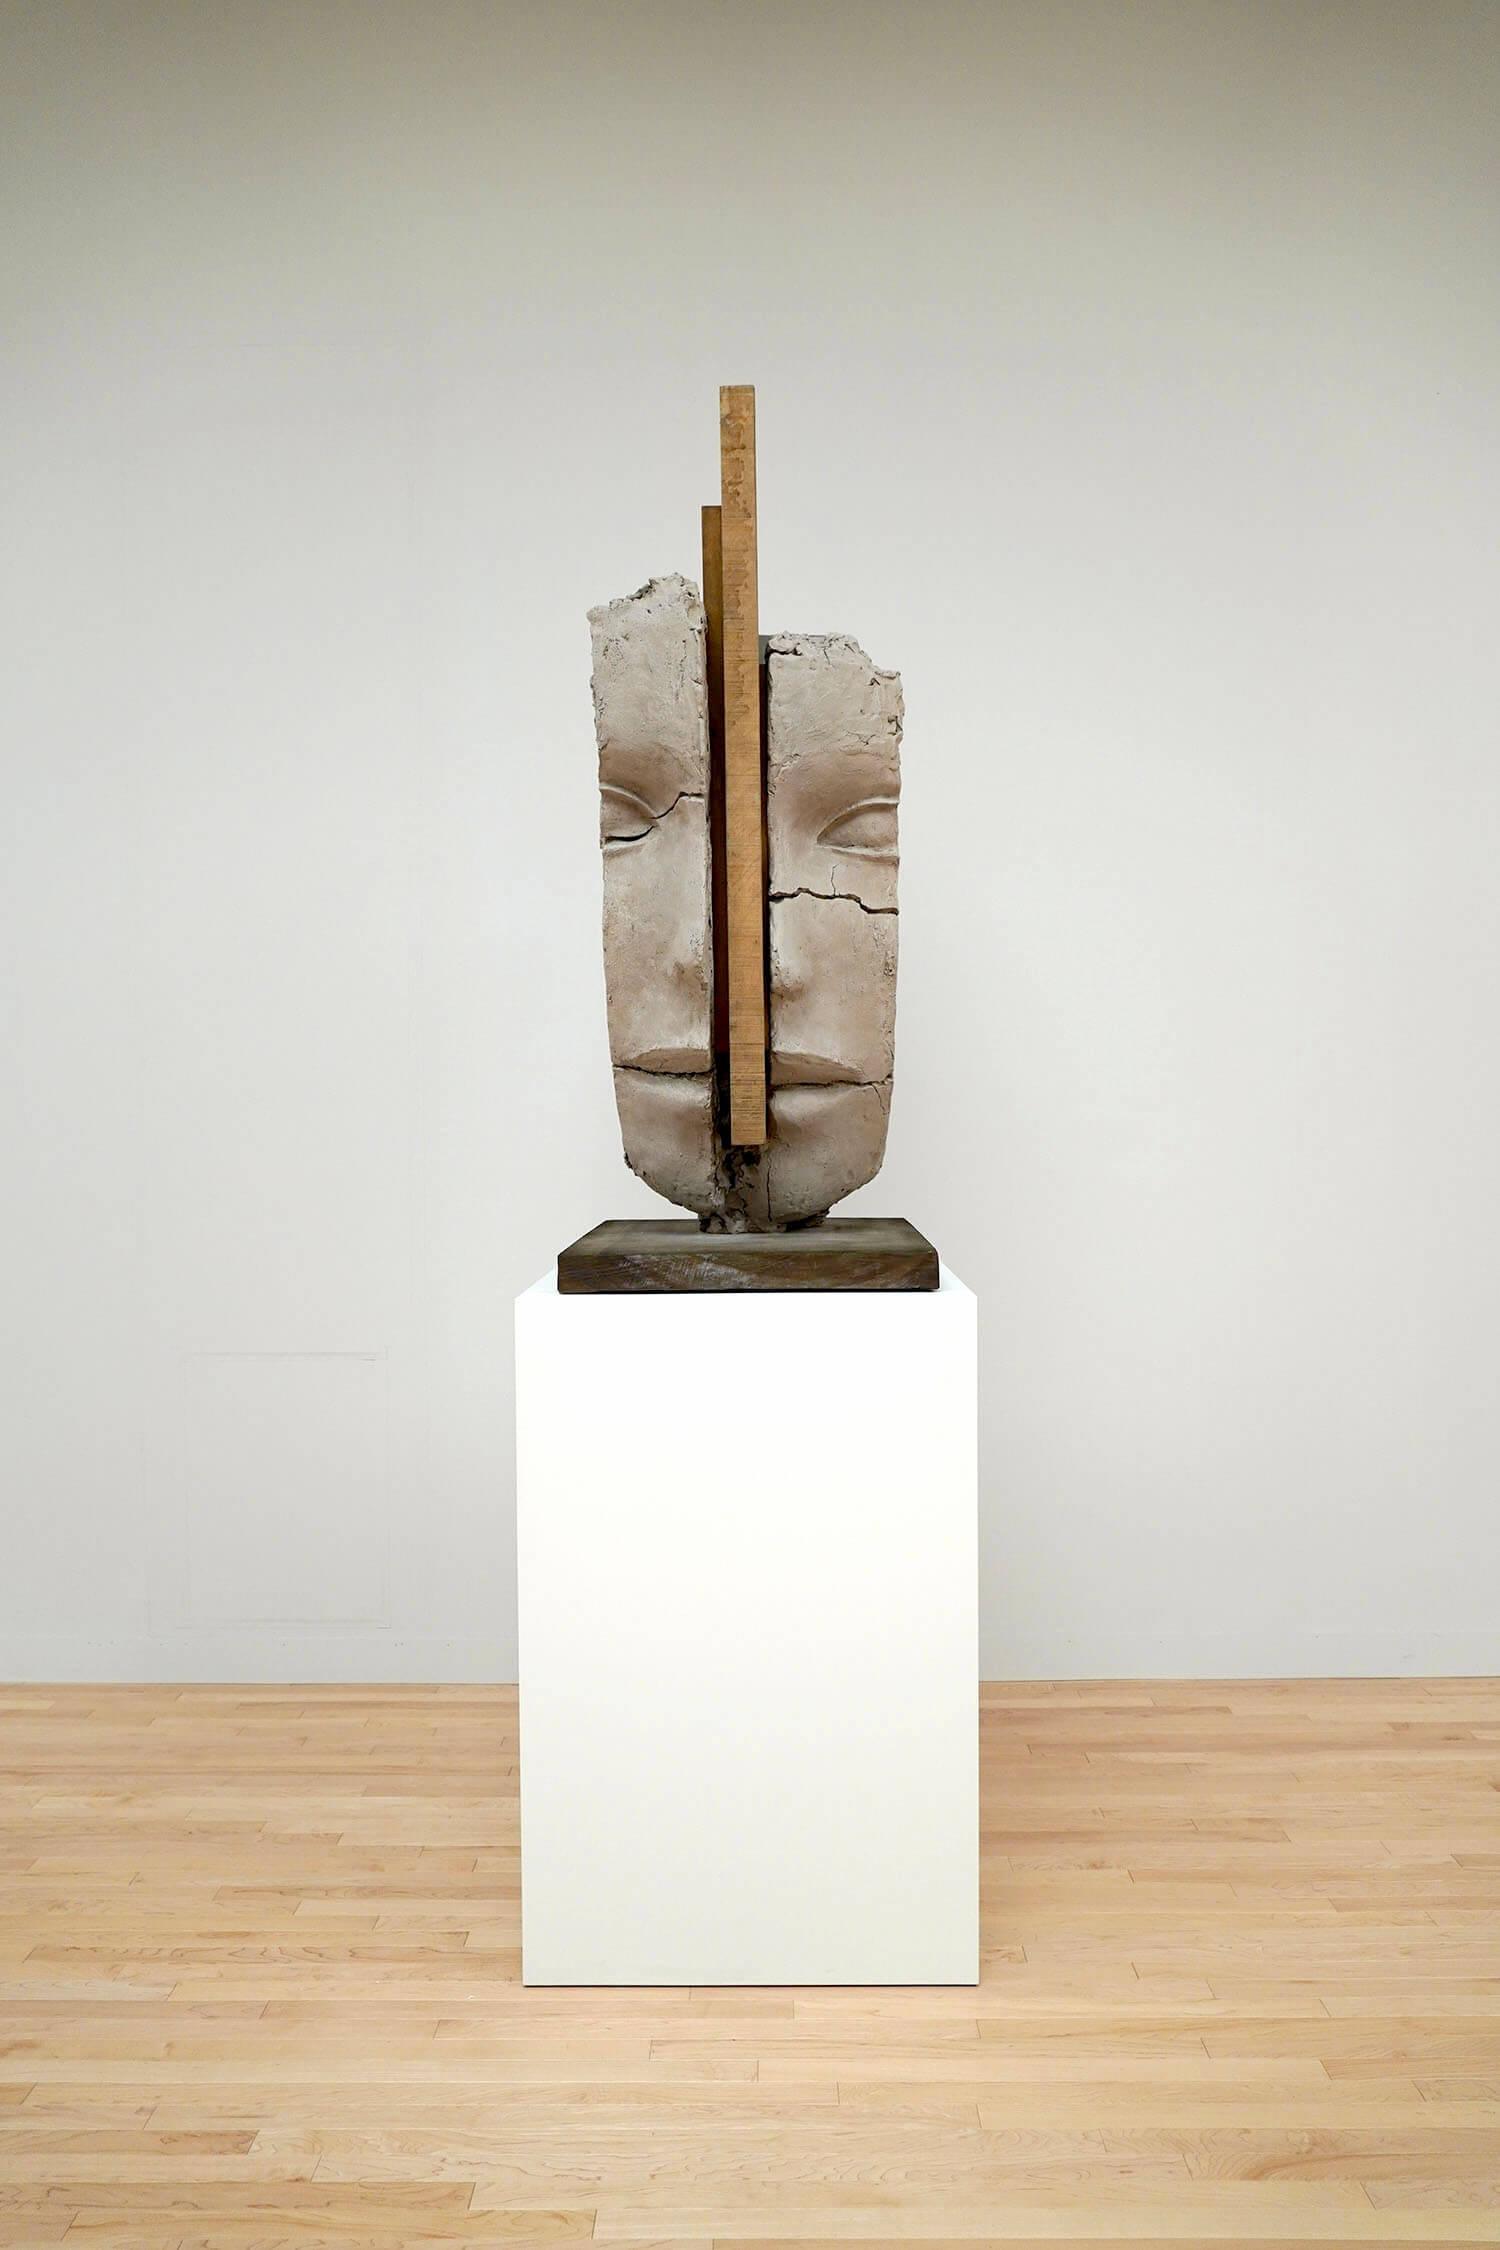 マーク・マンダース《乾いた土の頭部》展示風景:東京都現代美術館